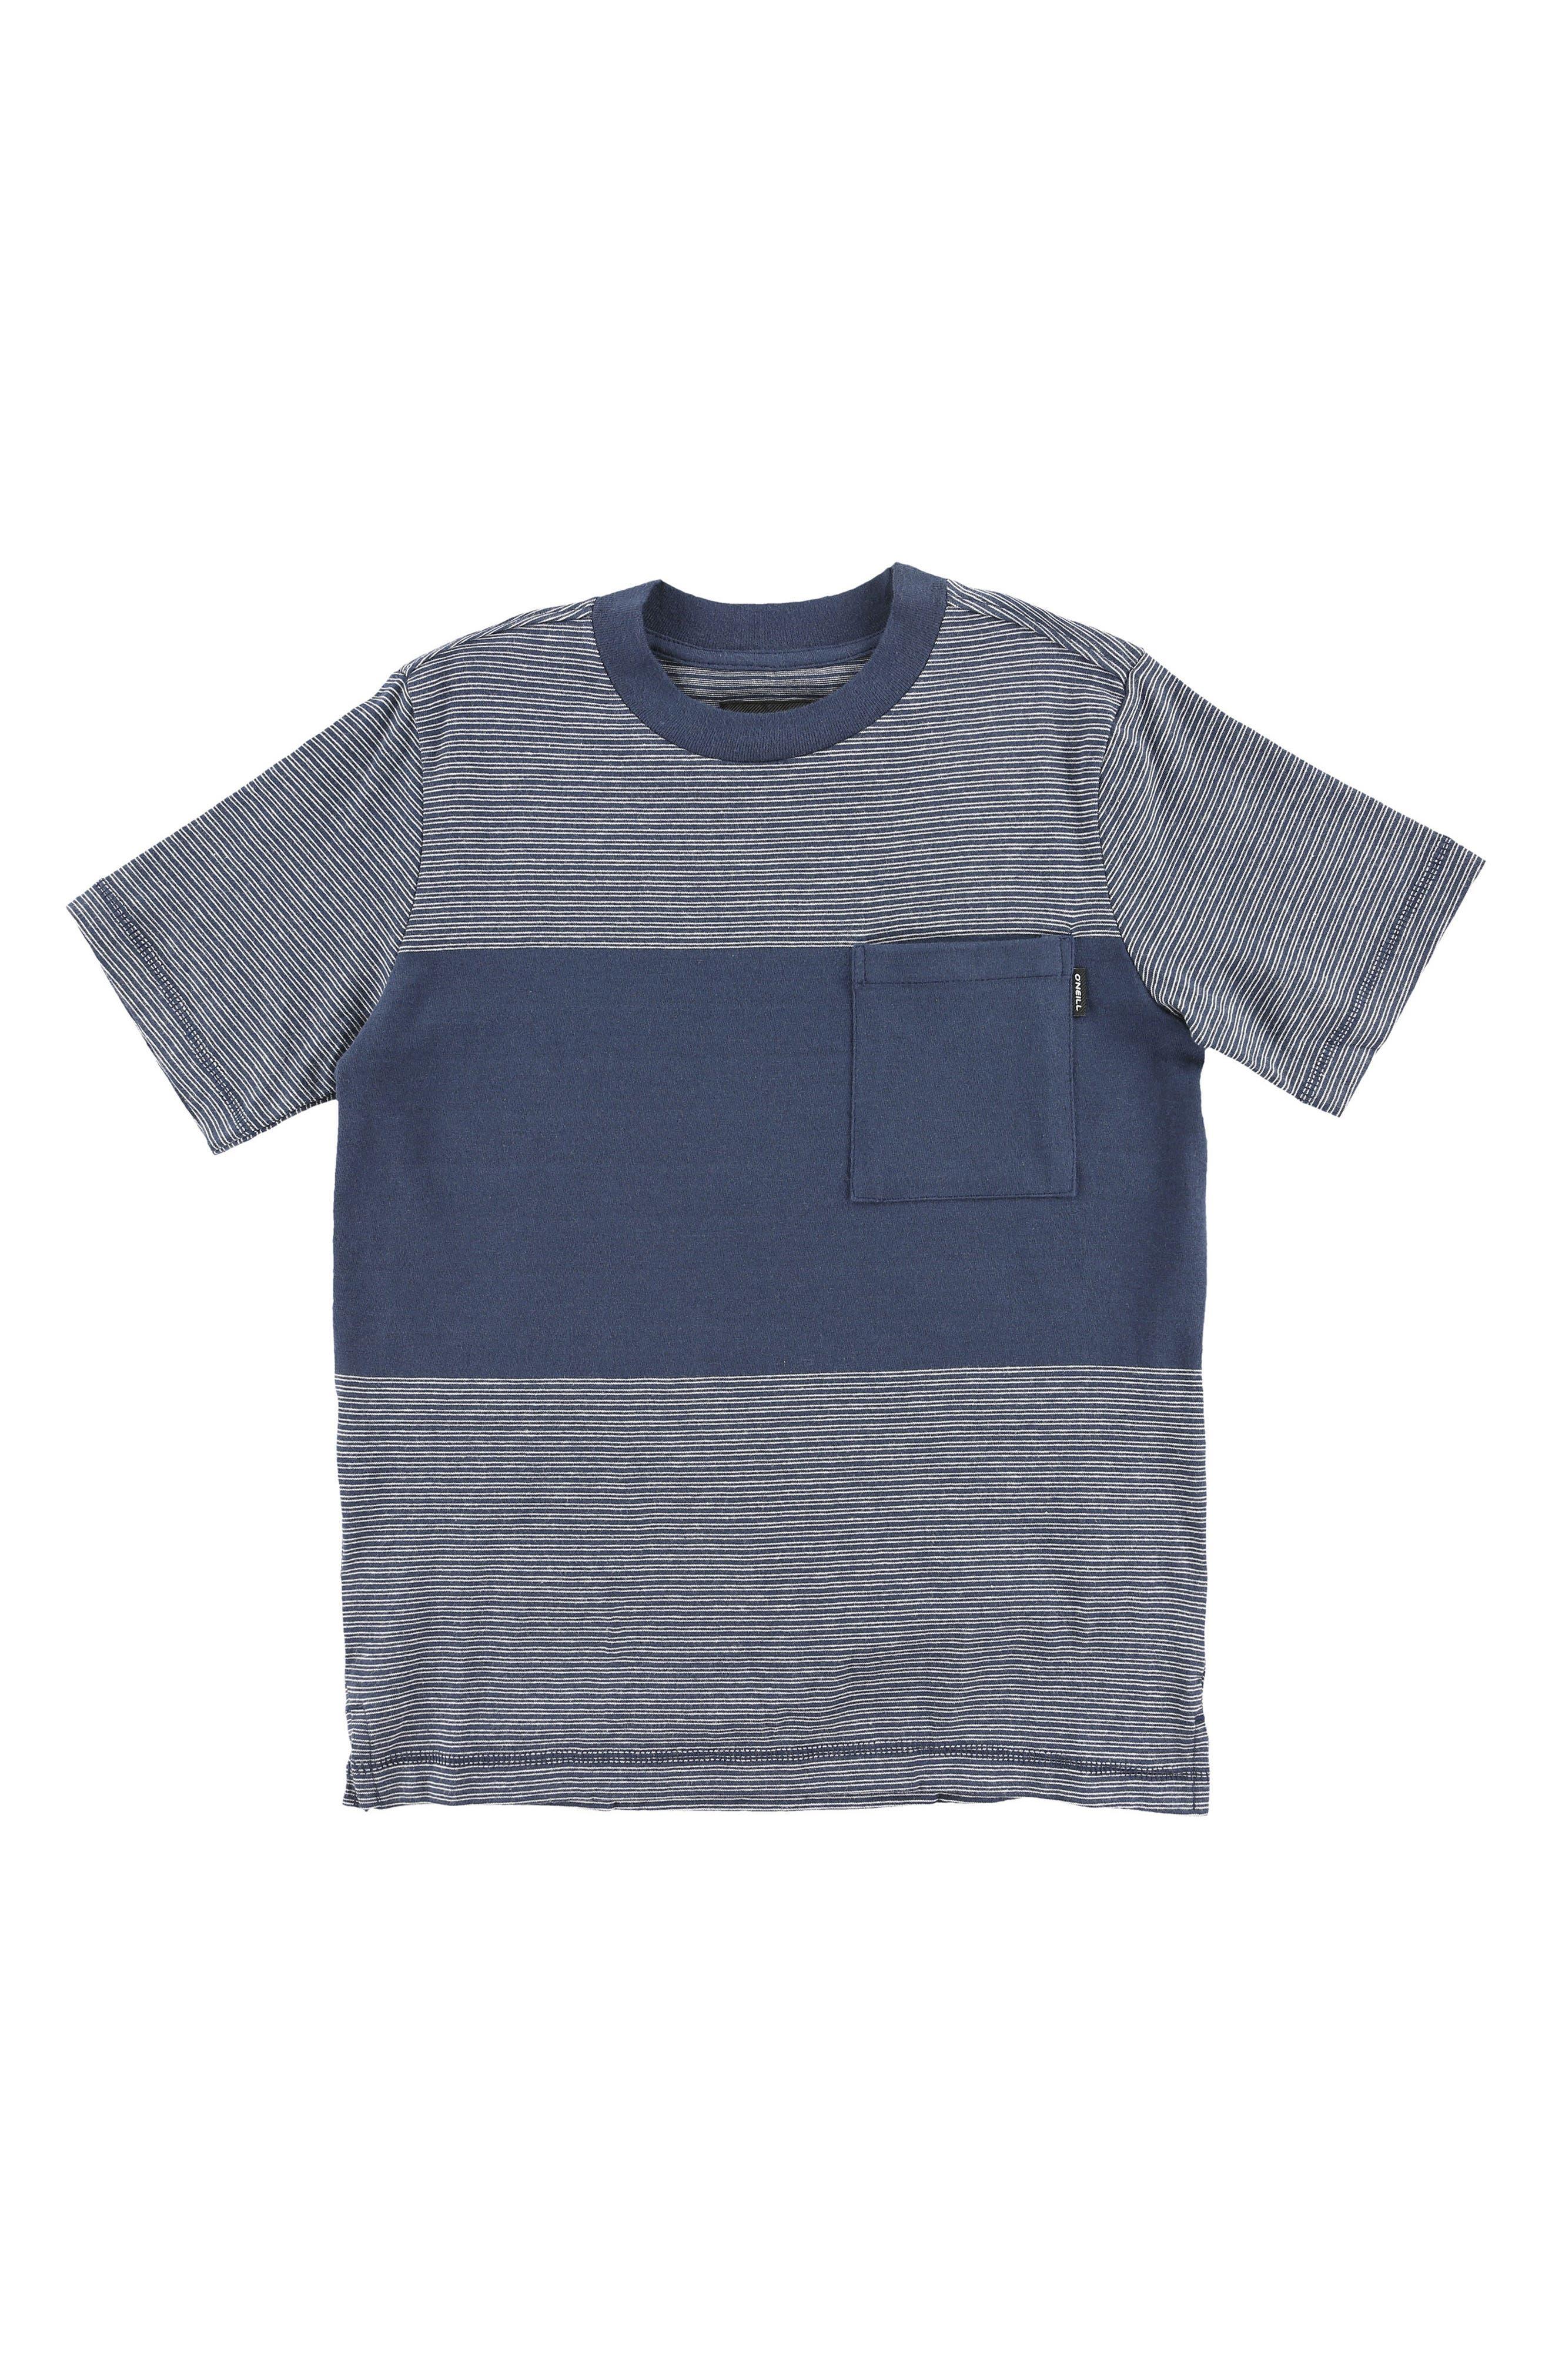 Bernardo T-Shirt,                         Main,                         color, 410